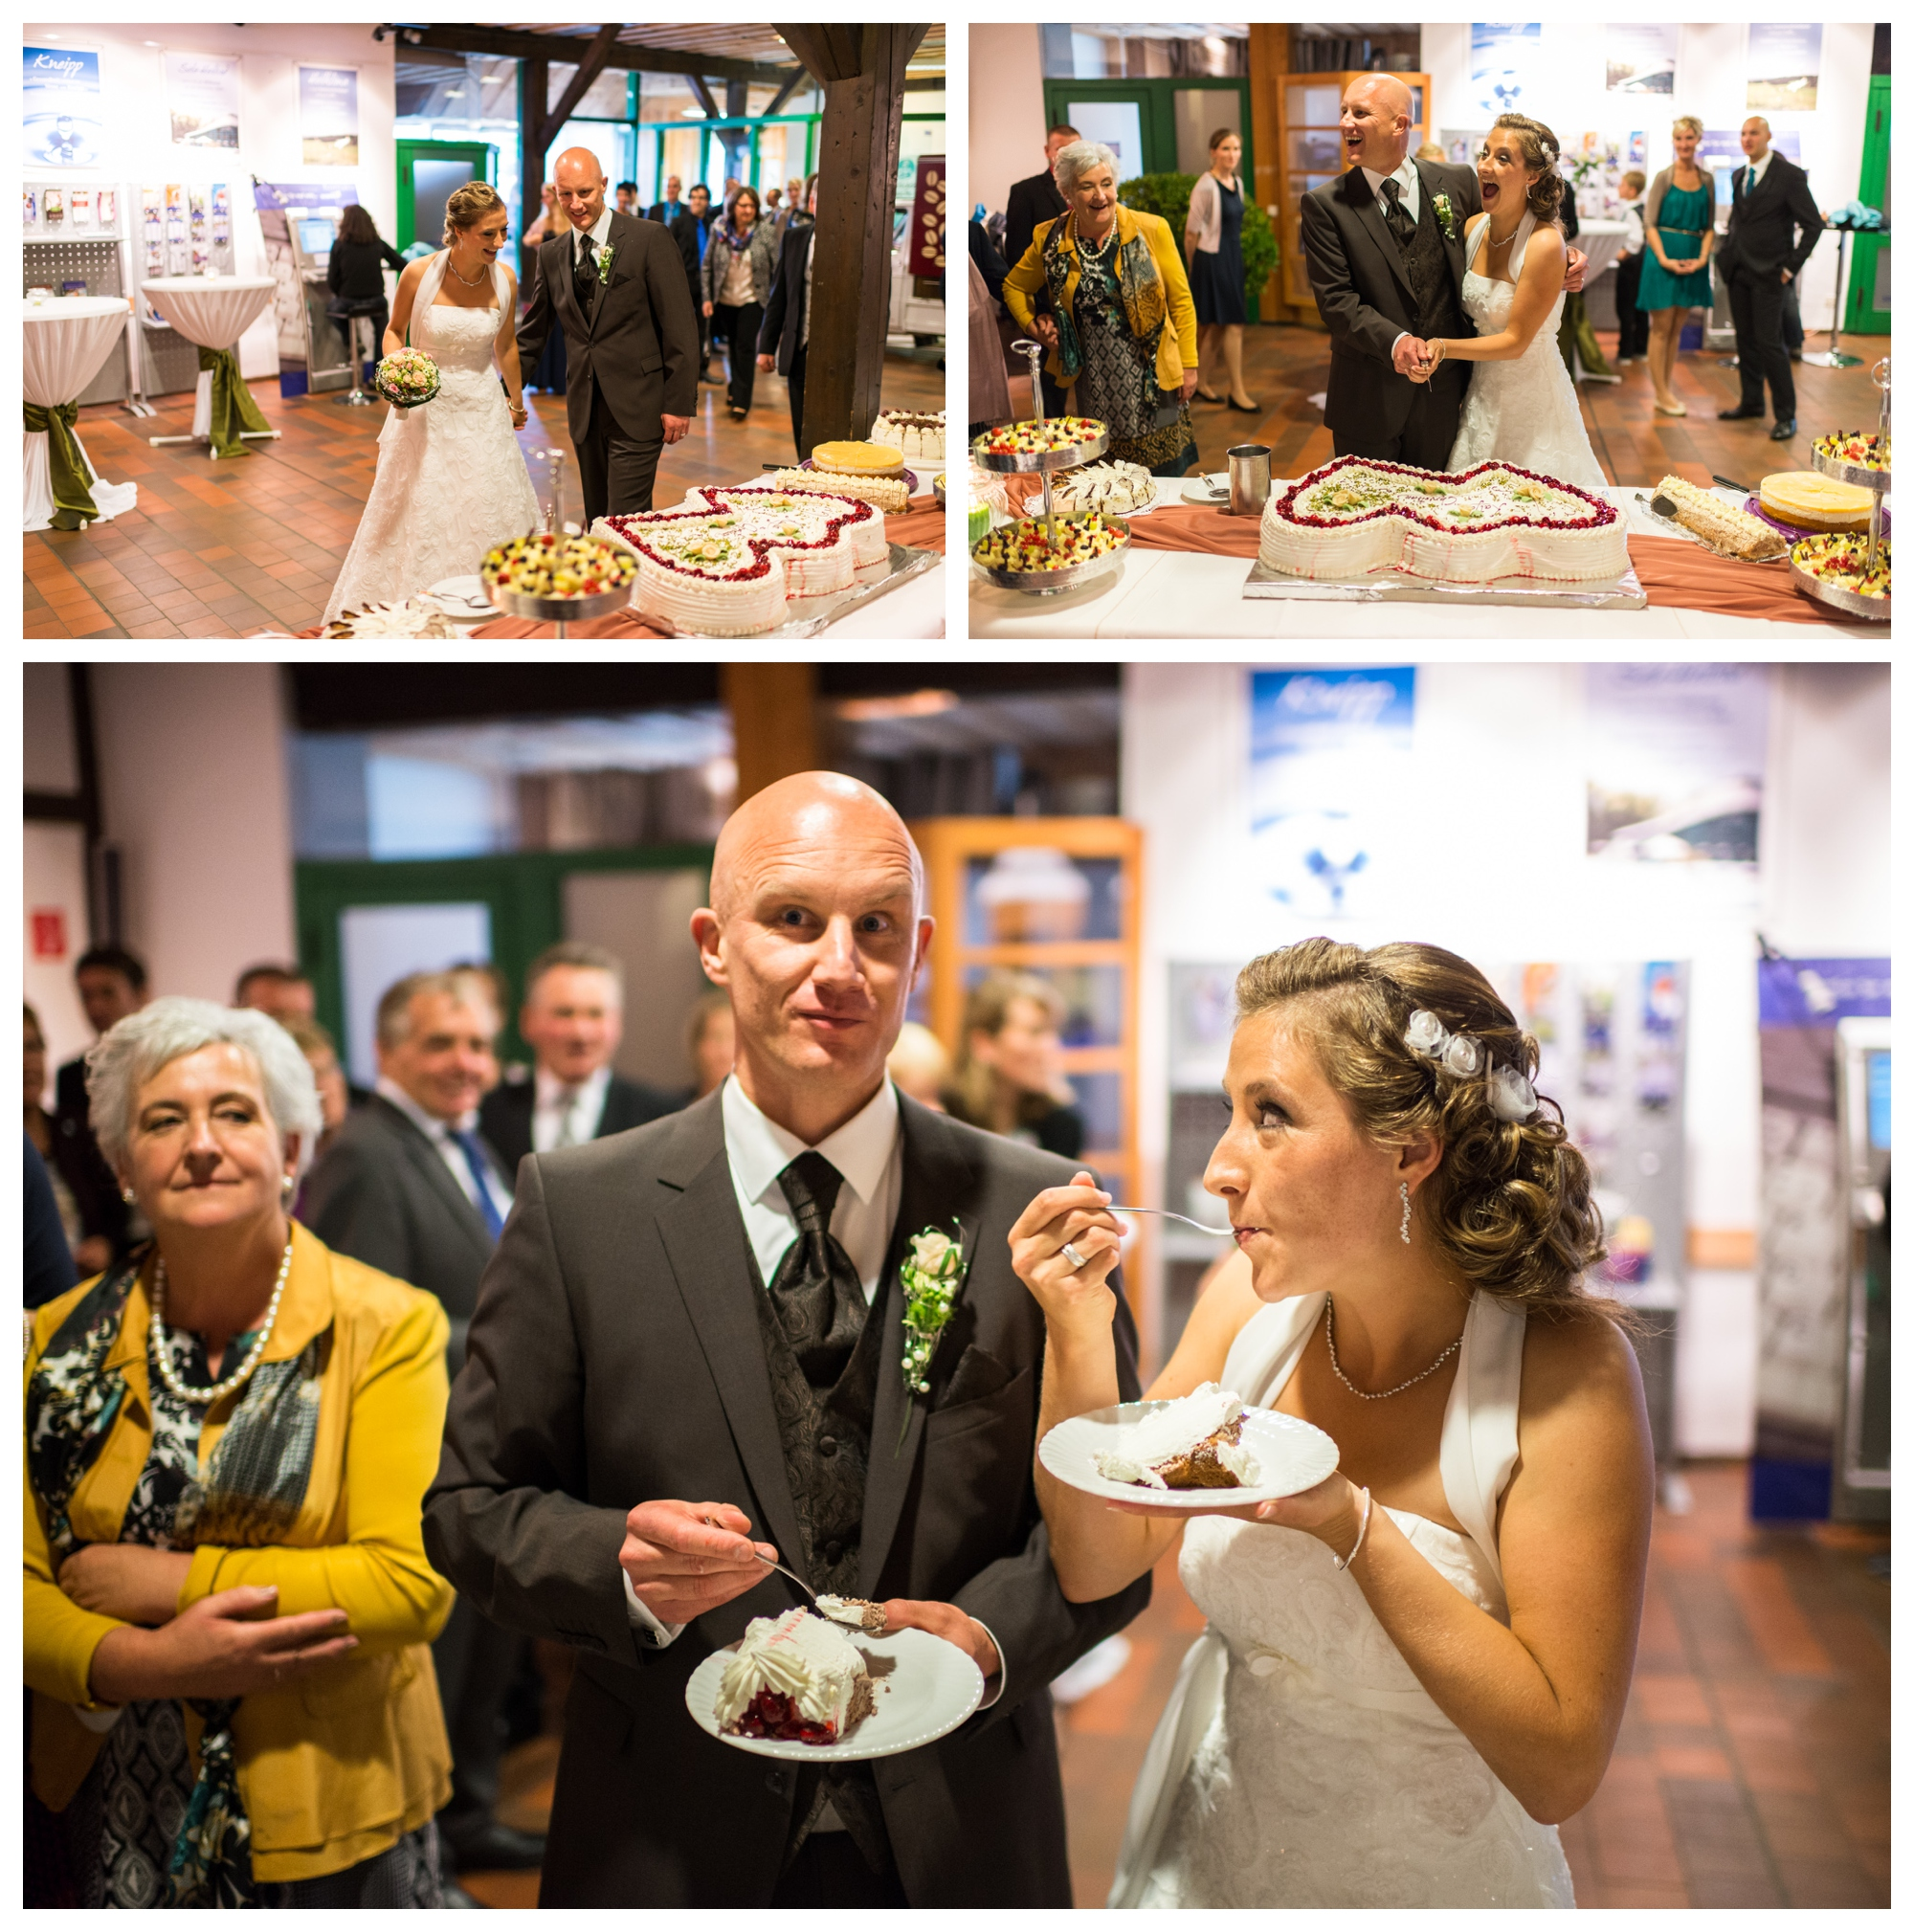 Fotograf Konstanz - Als Hochzeitsfotograf in Bad Dürrheim unterwegs  - 52 -